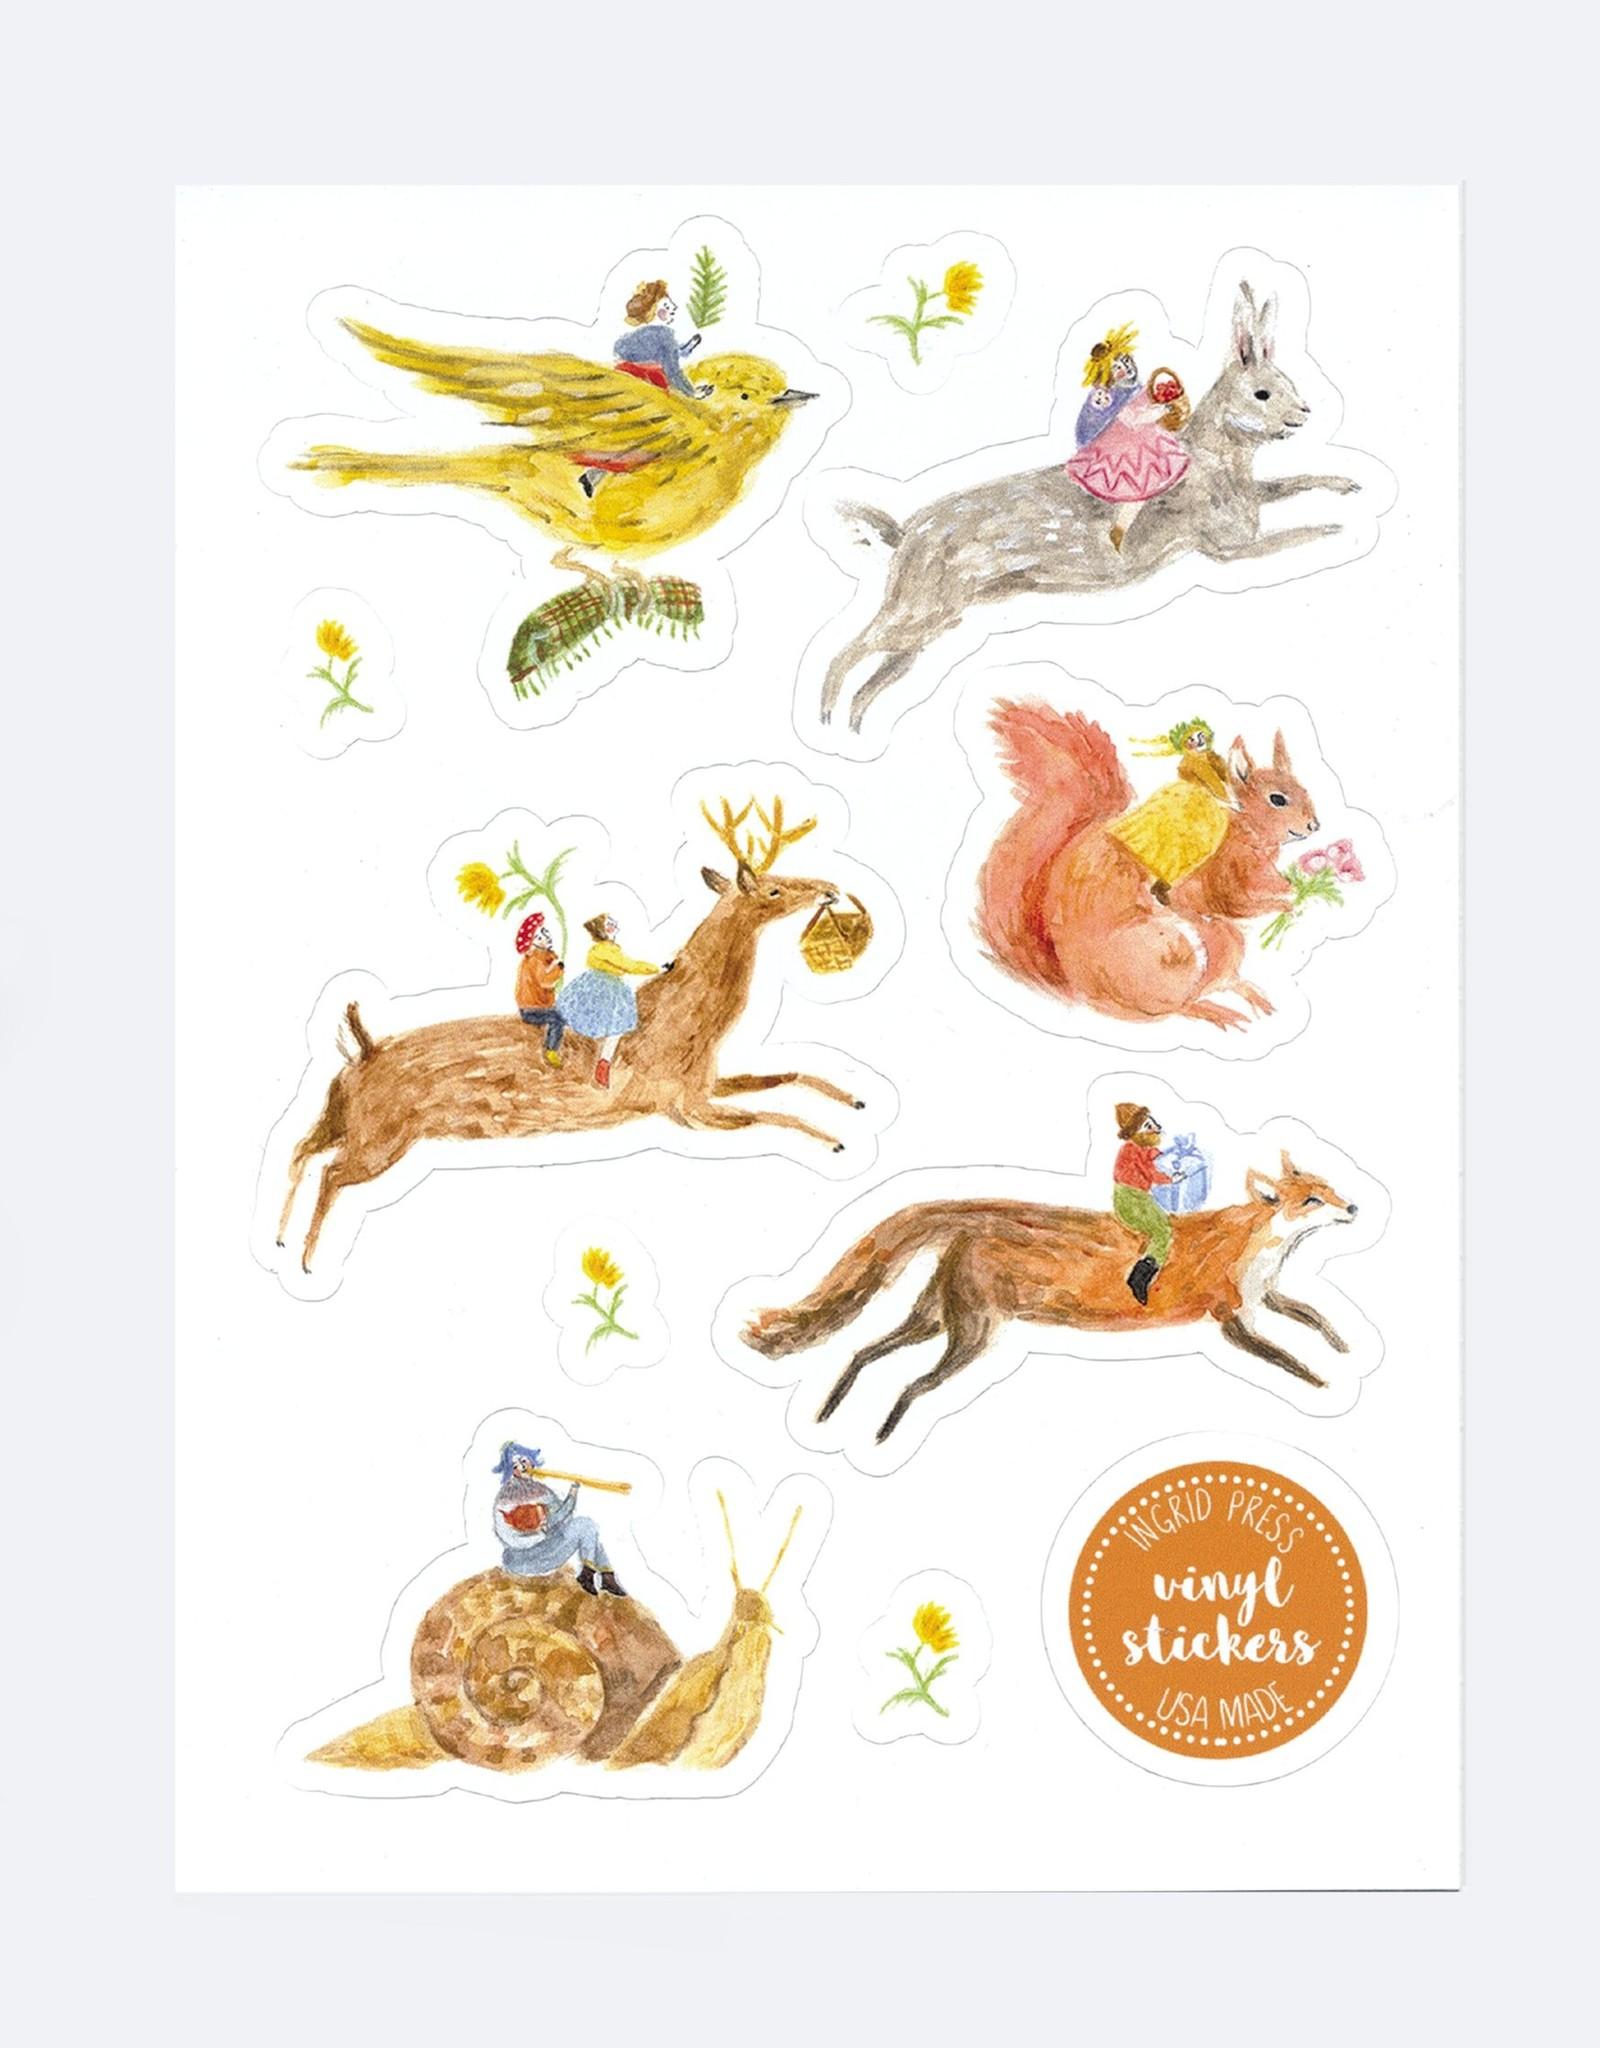 Ingrid Press Forest Folk | Vinyl Die-Cut Sticker Sheet